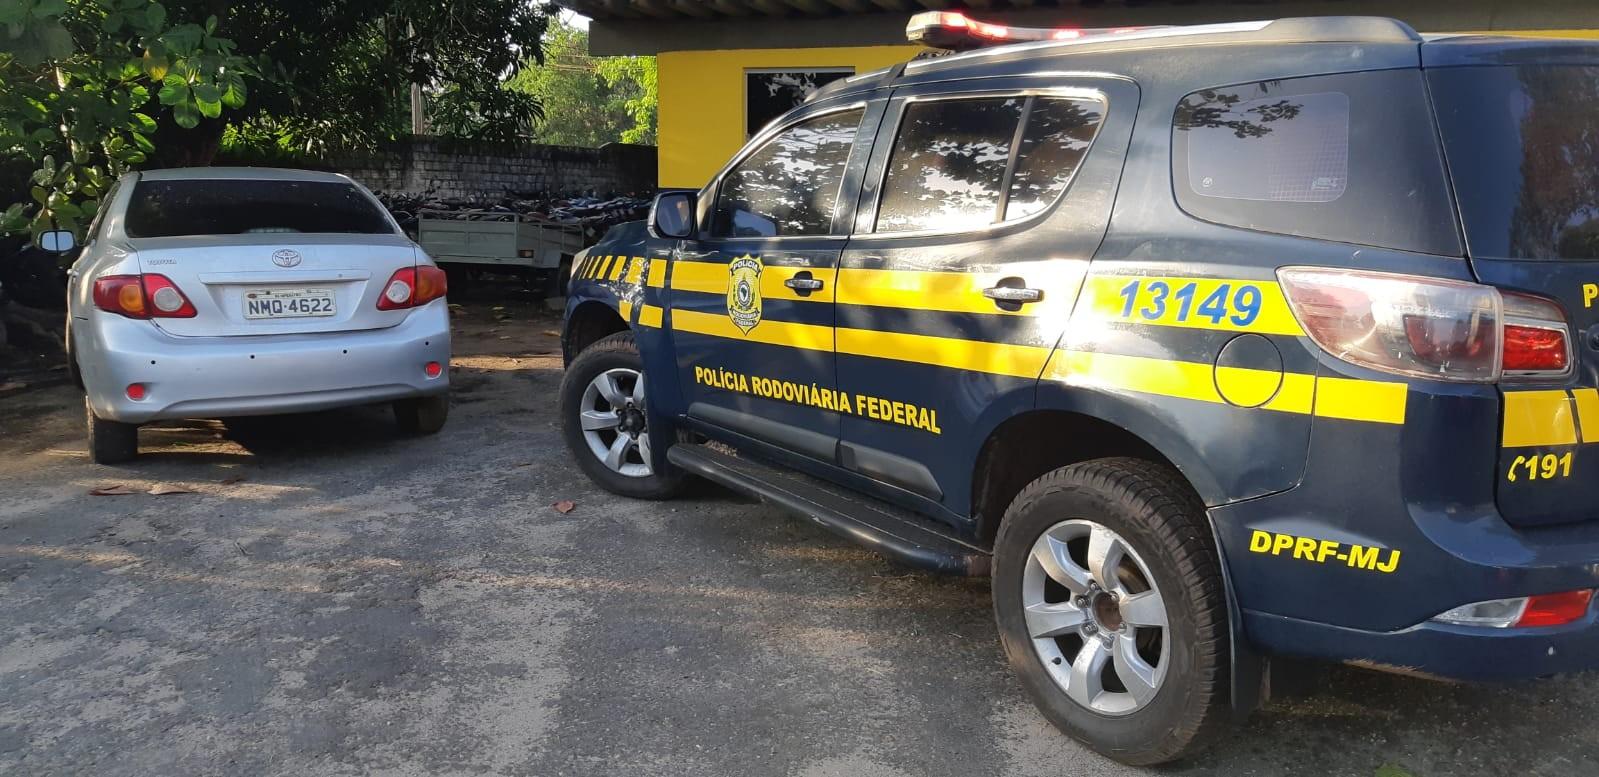 Sargento da PM é preso com veículo roubado e arma de uso restrito na BR-316 no MA - Notícias - Plantão Diário